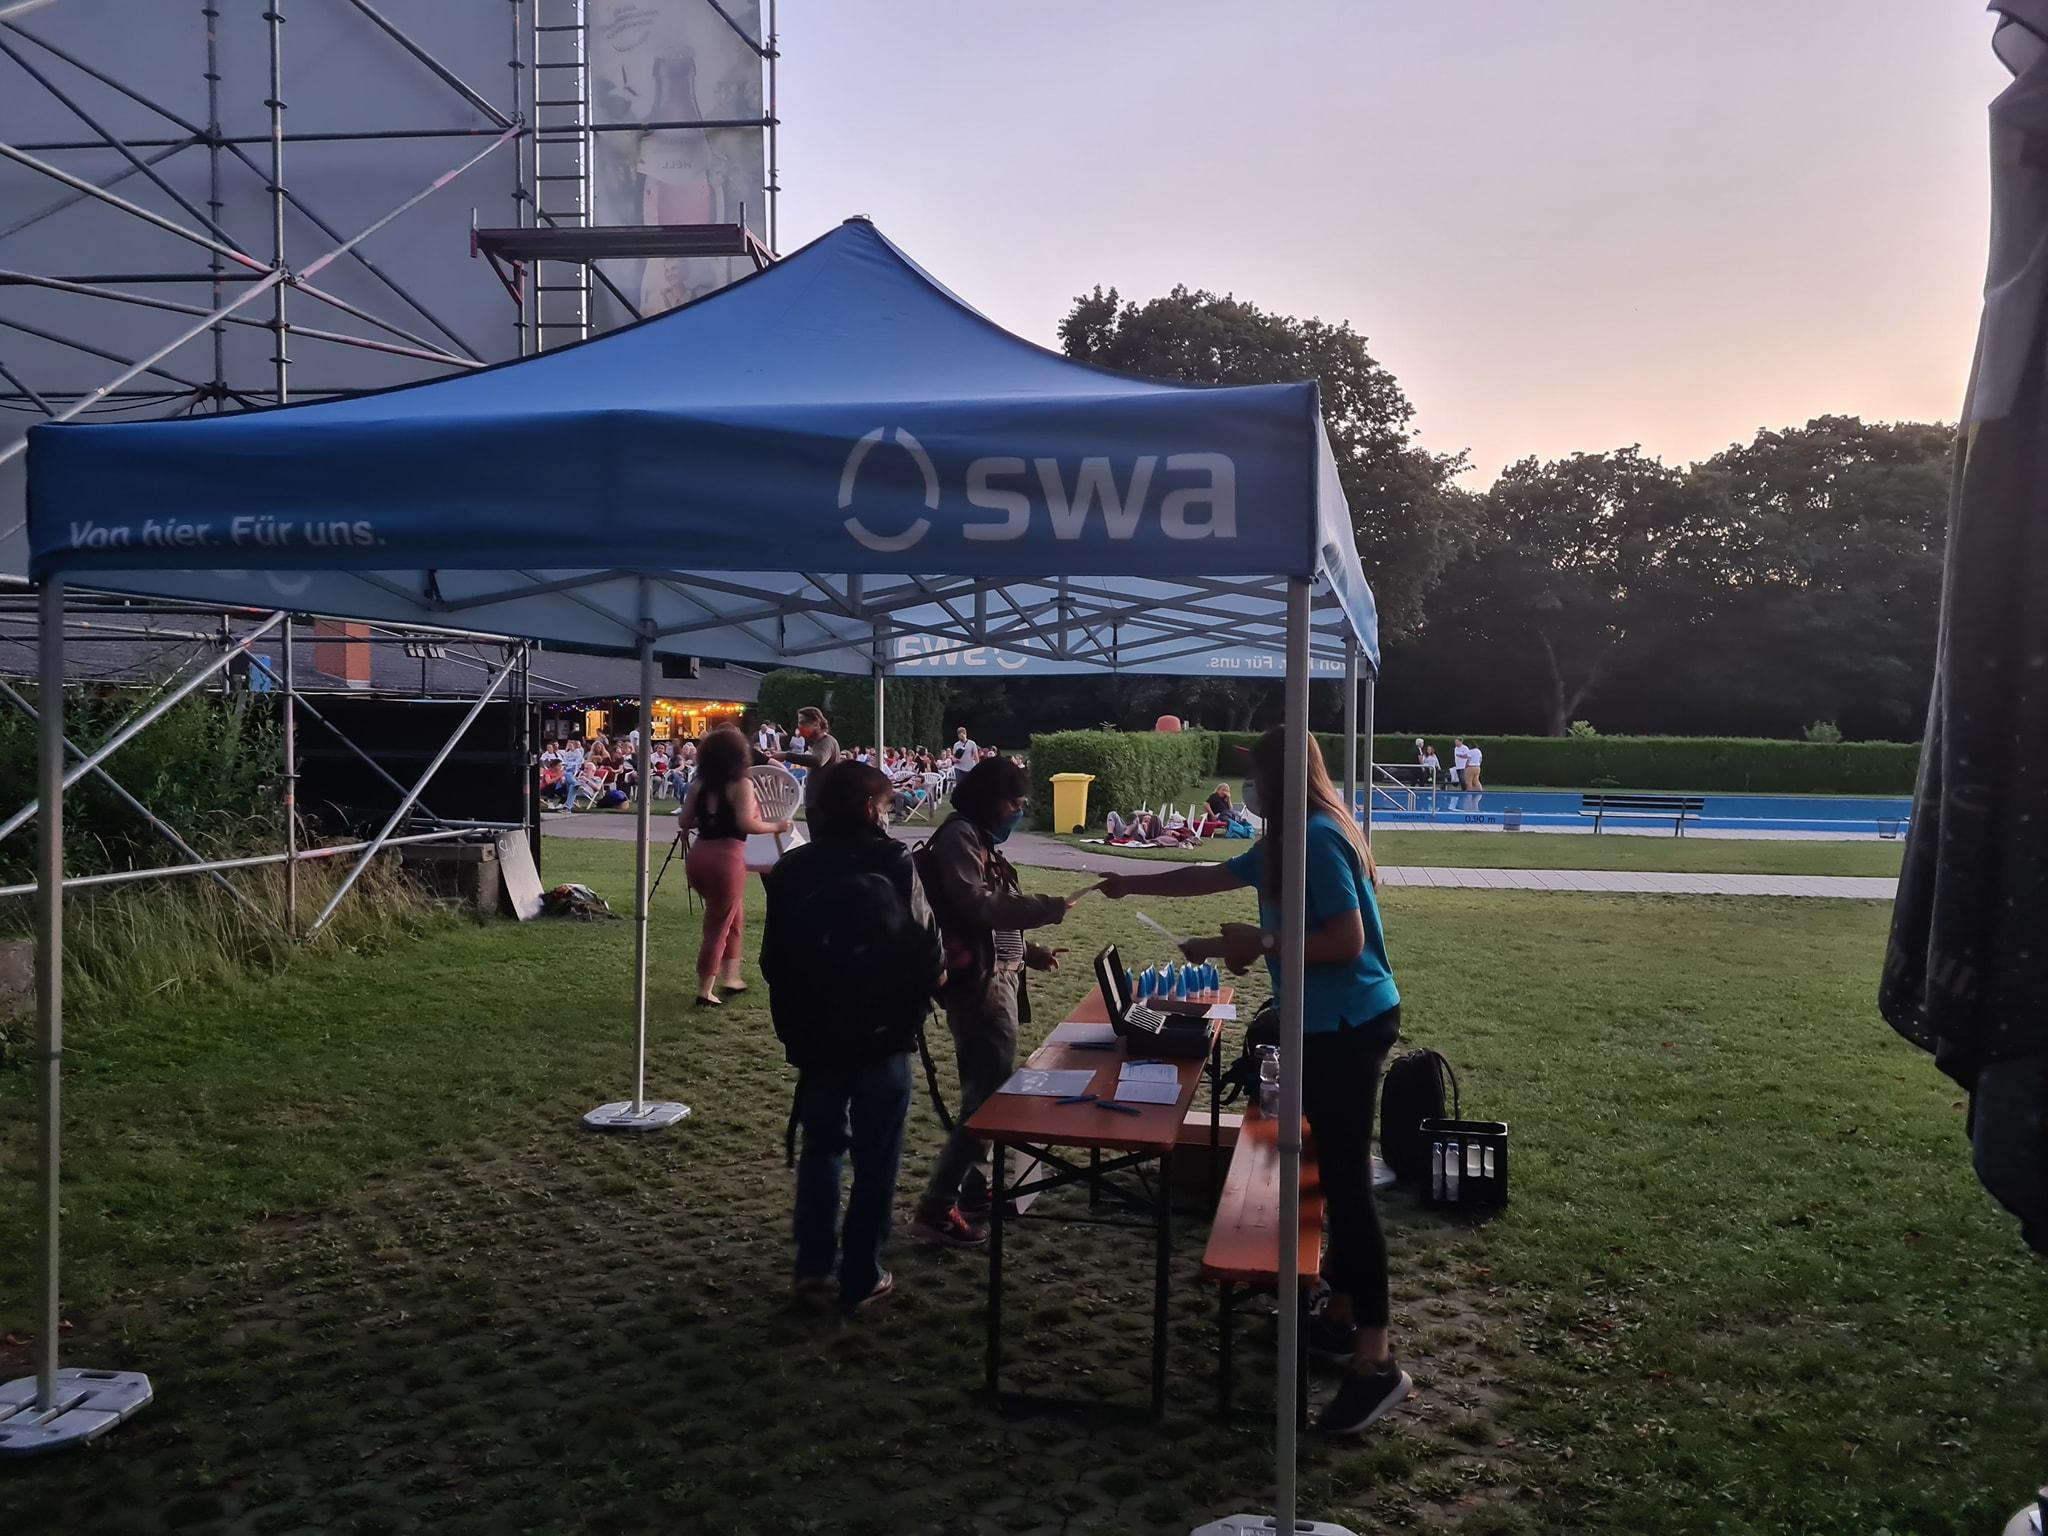 Foto 3 Die swa-Kurzfilmnacht 2020: Was wäre wenn?